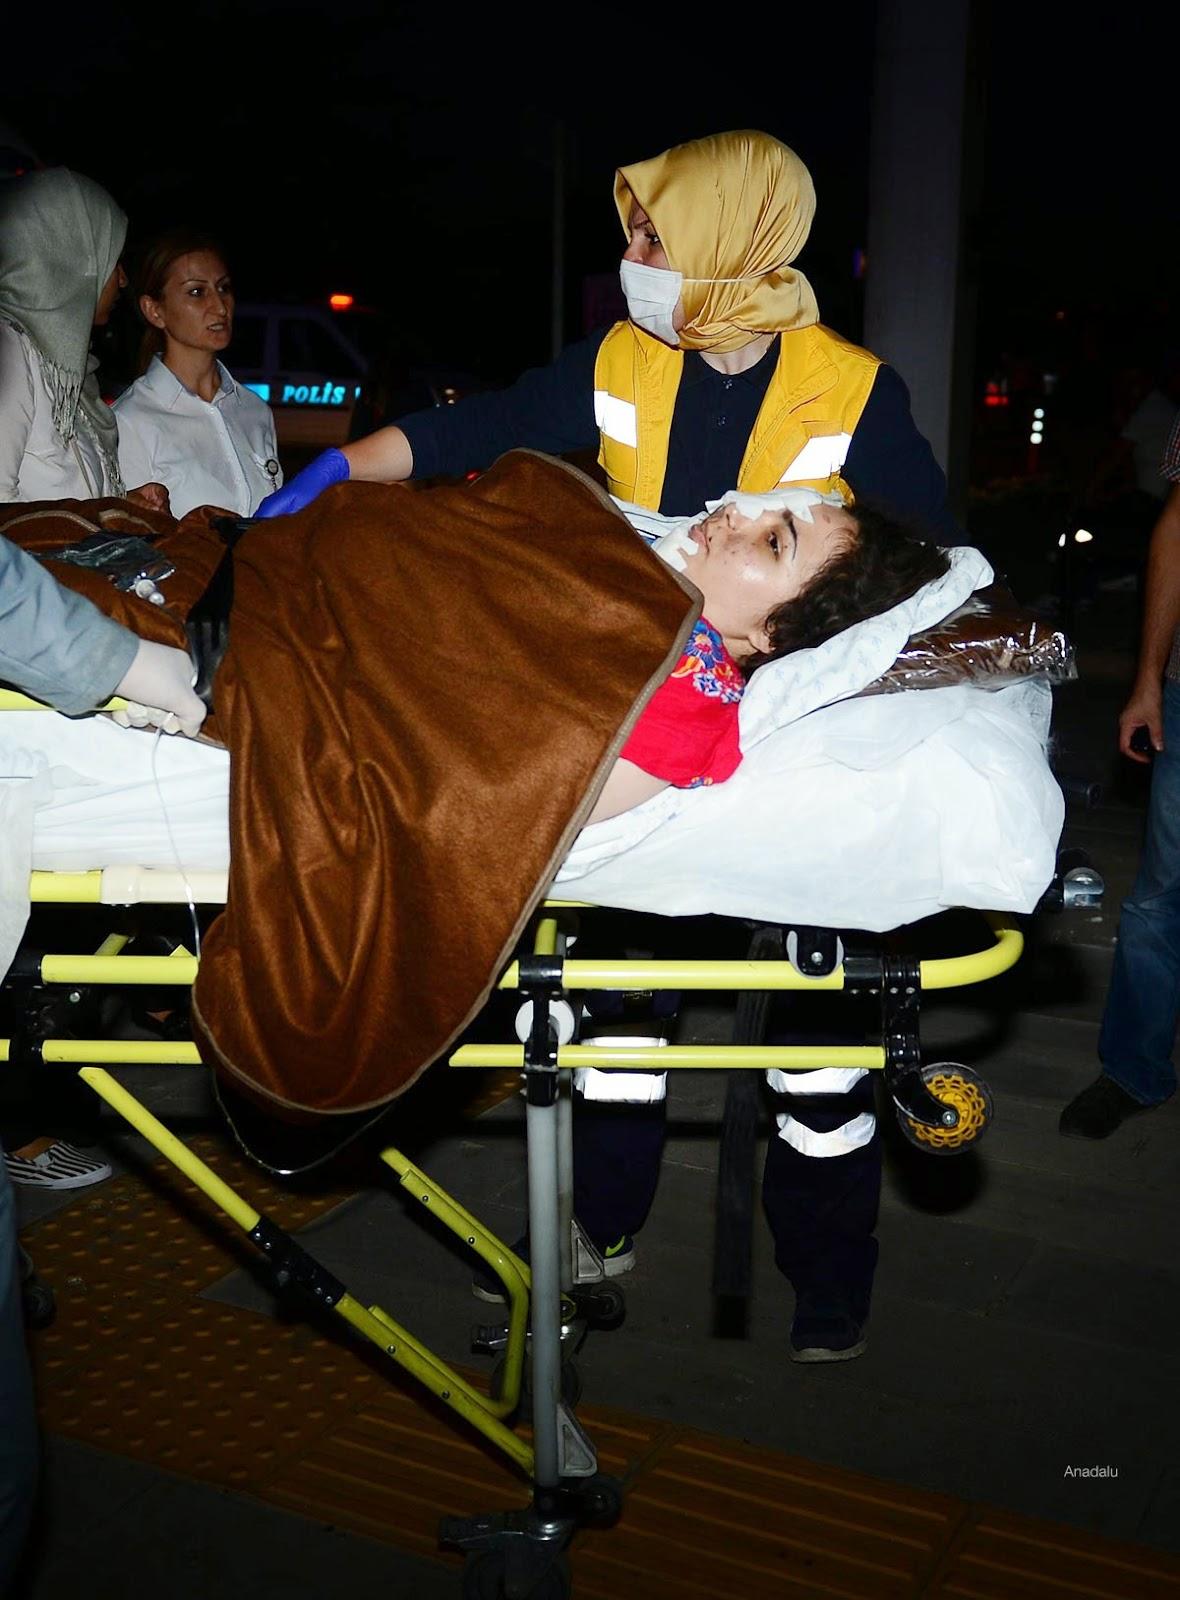 rakyat palestin yang cedera tak dibenarkan berlepas melalui airport kaherah